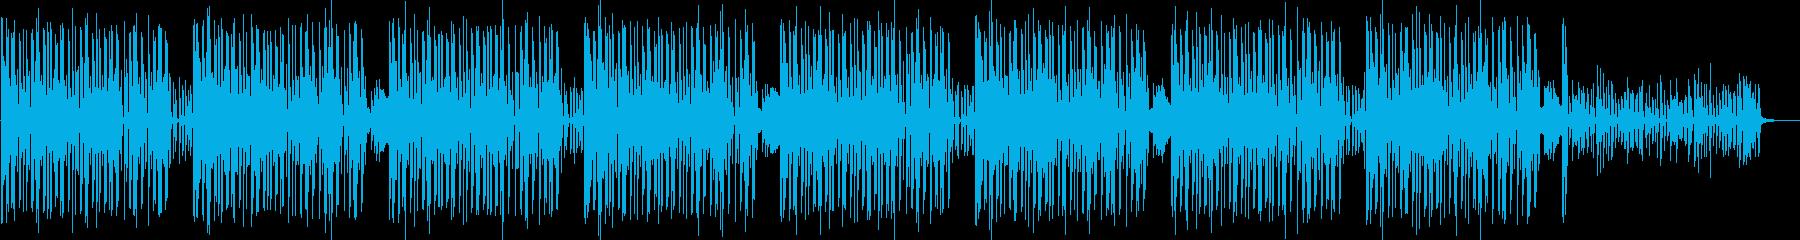 シンセのリズムが心地よいヒップホップ曲の再生済みの波形